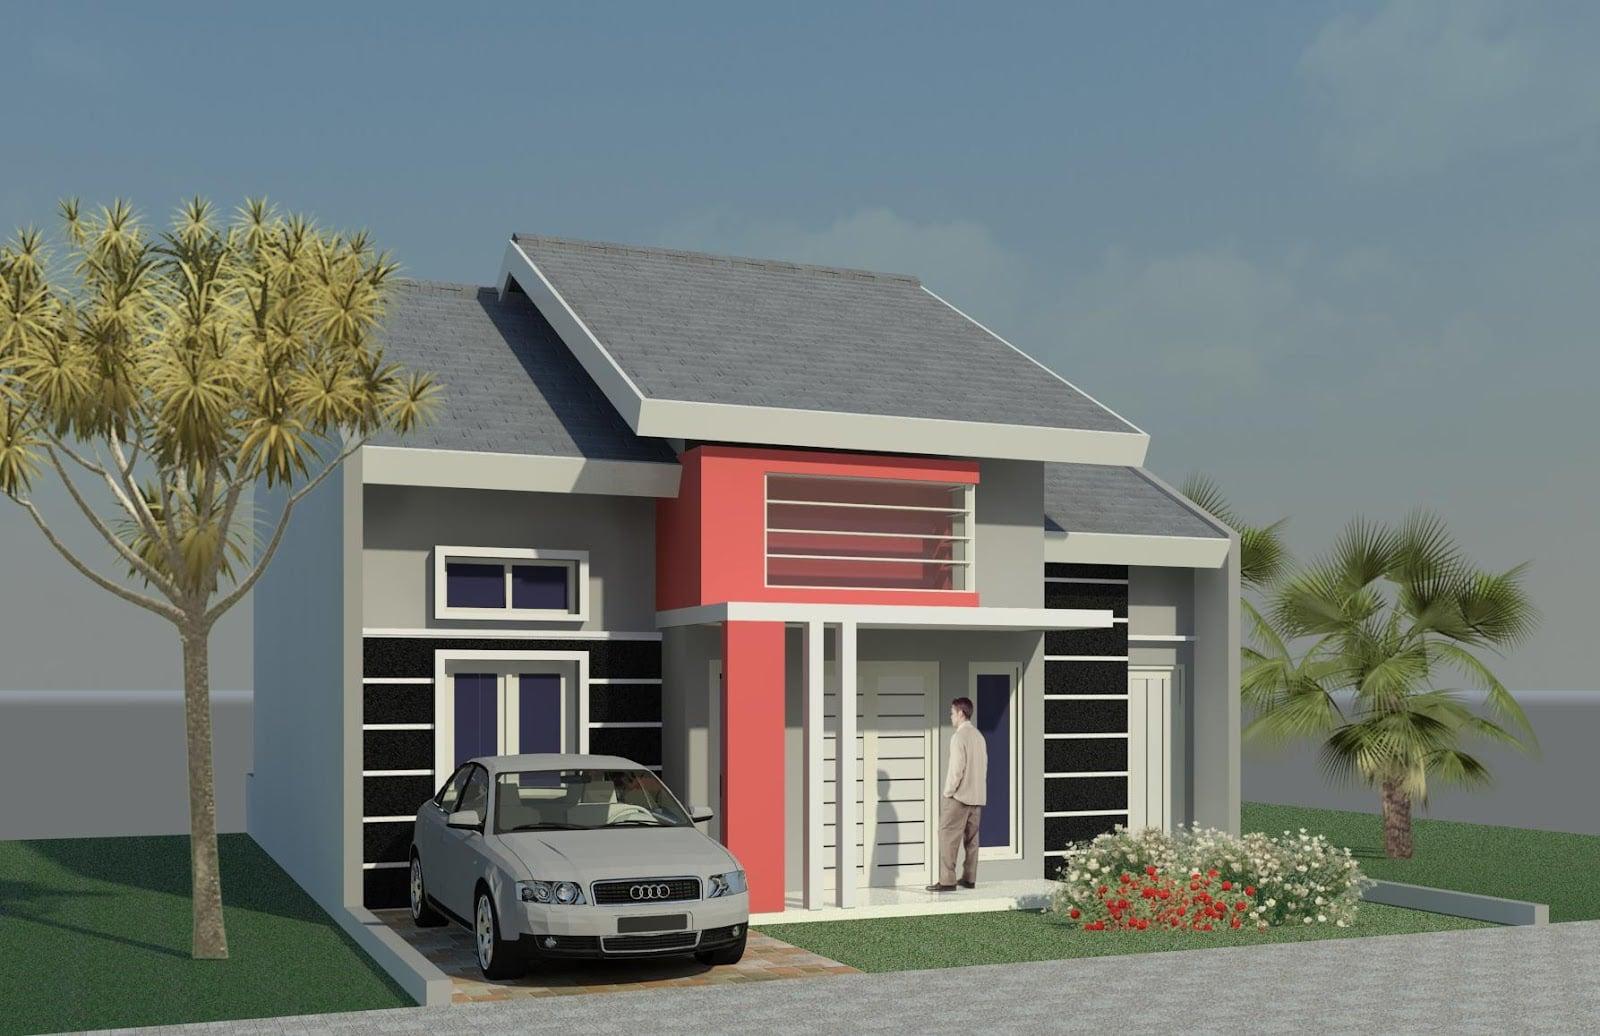 Kreatif 21 Gambar Rumah Minimalis 1 Kamar 77 Tentang Ide Dekorasi Rumah dengan 21 Gambar Rumah Minimalis 1 Kamar